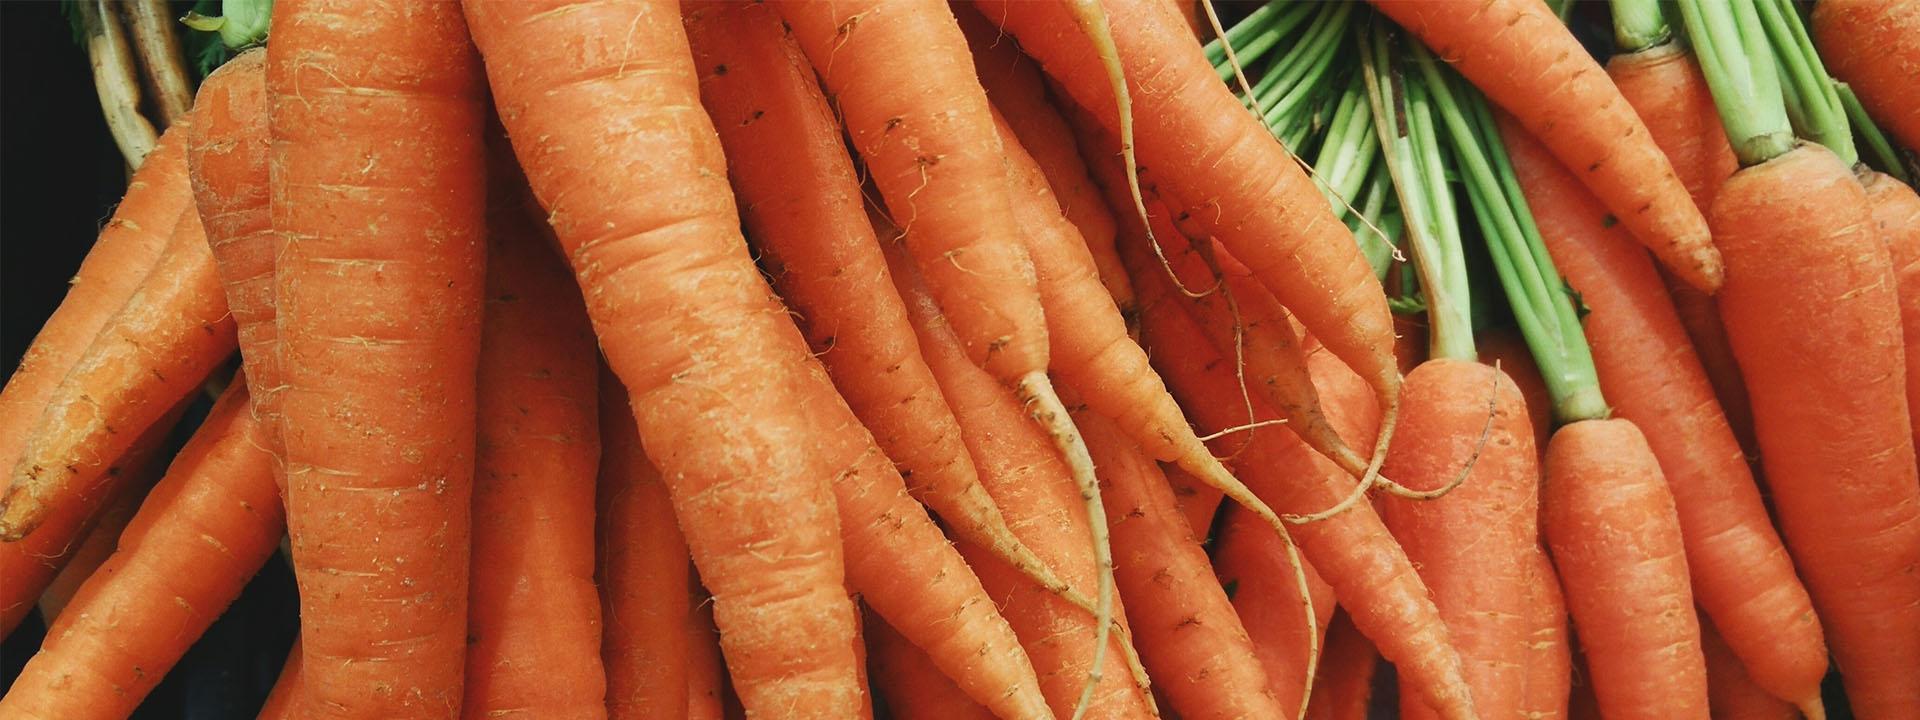 Выращивание моркови как бизнес: организация и план - бизнес идеи 57